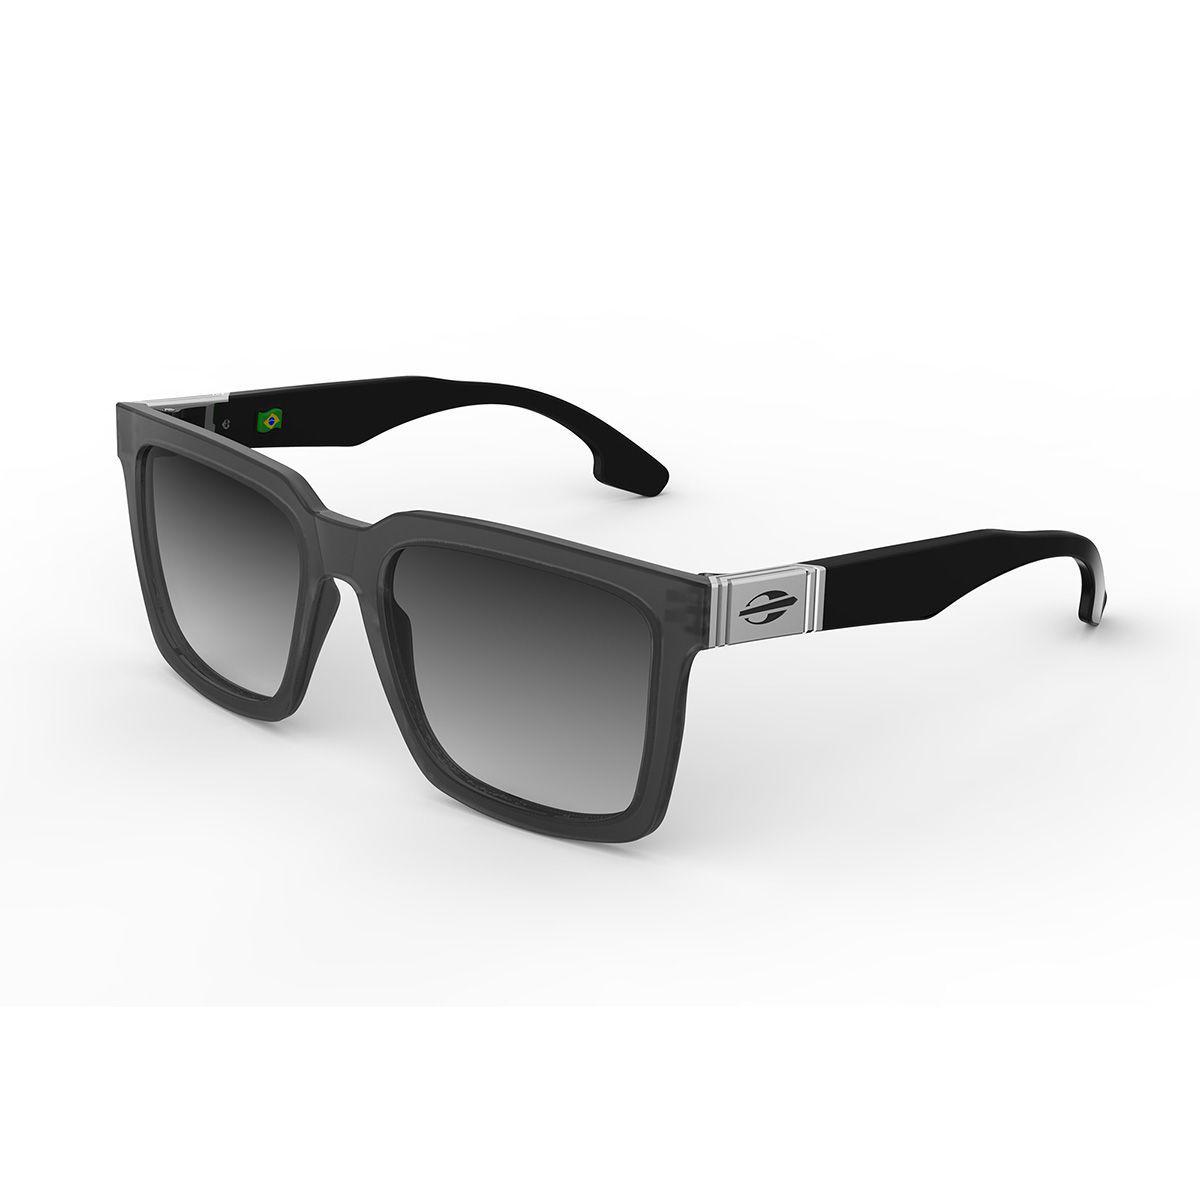 220d943d35a66 Óculos de Sol Mormaii Sacramento Polarizado M0032D4747 - Óculos de ...